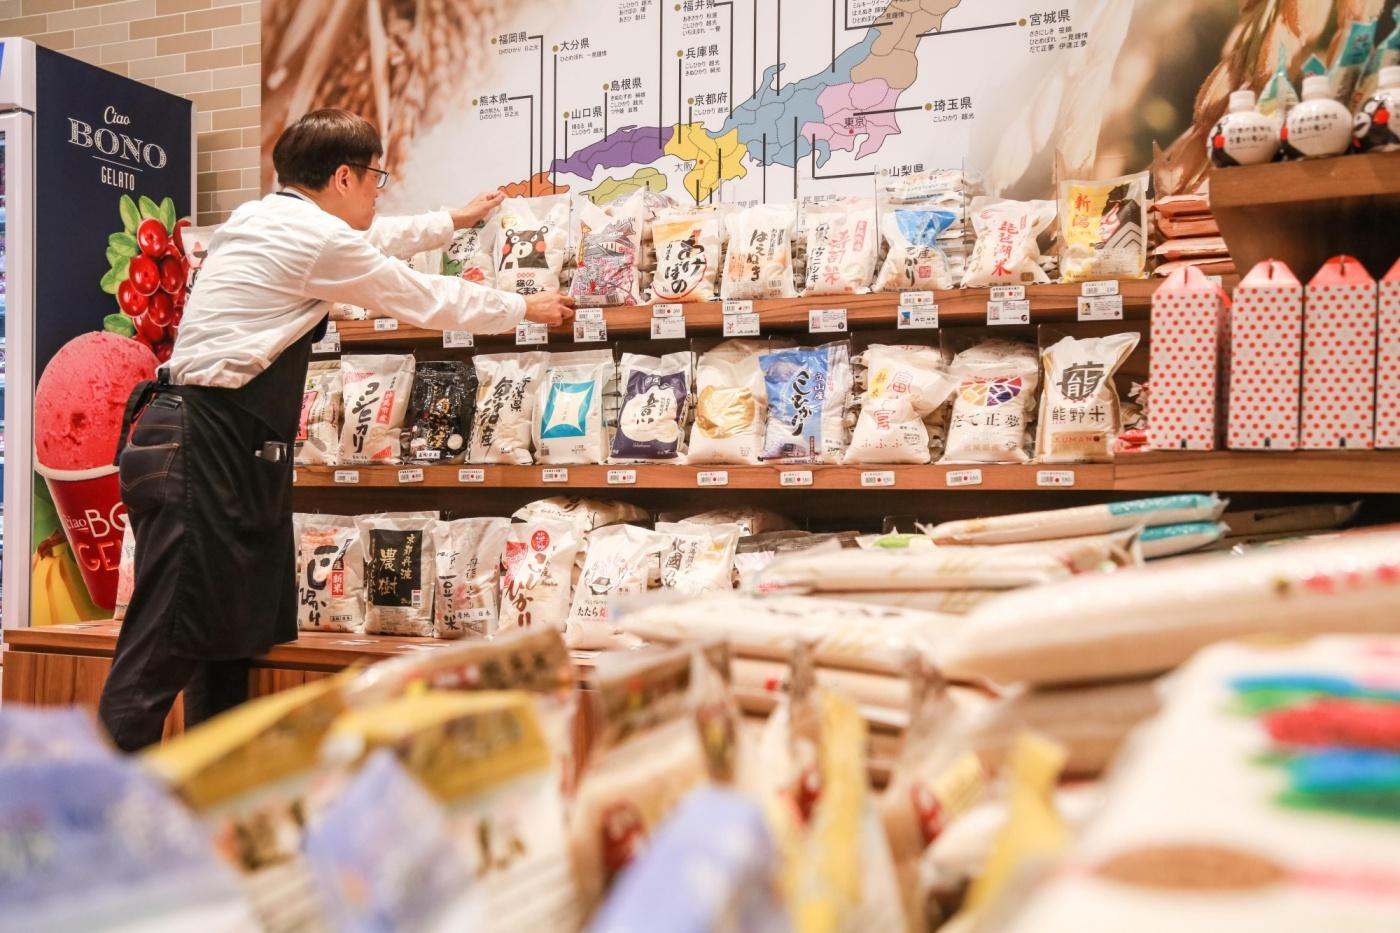 衝出同業3倍客單價!微風南山超市向傳統市場取經,打破百貨超市的想像